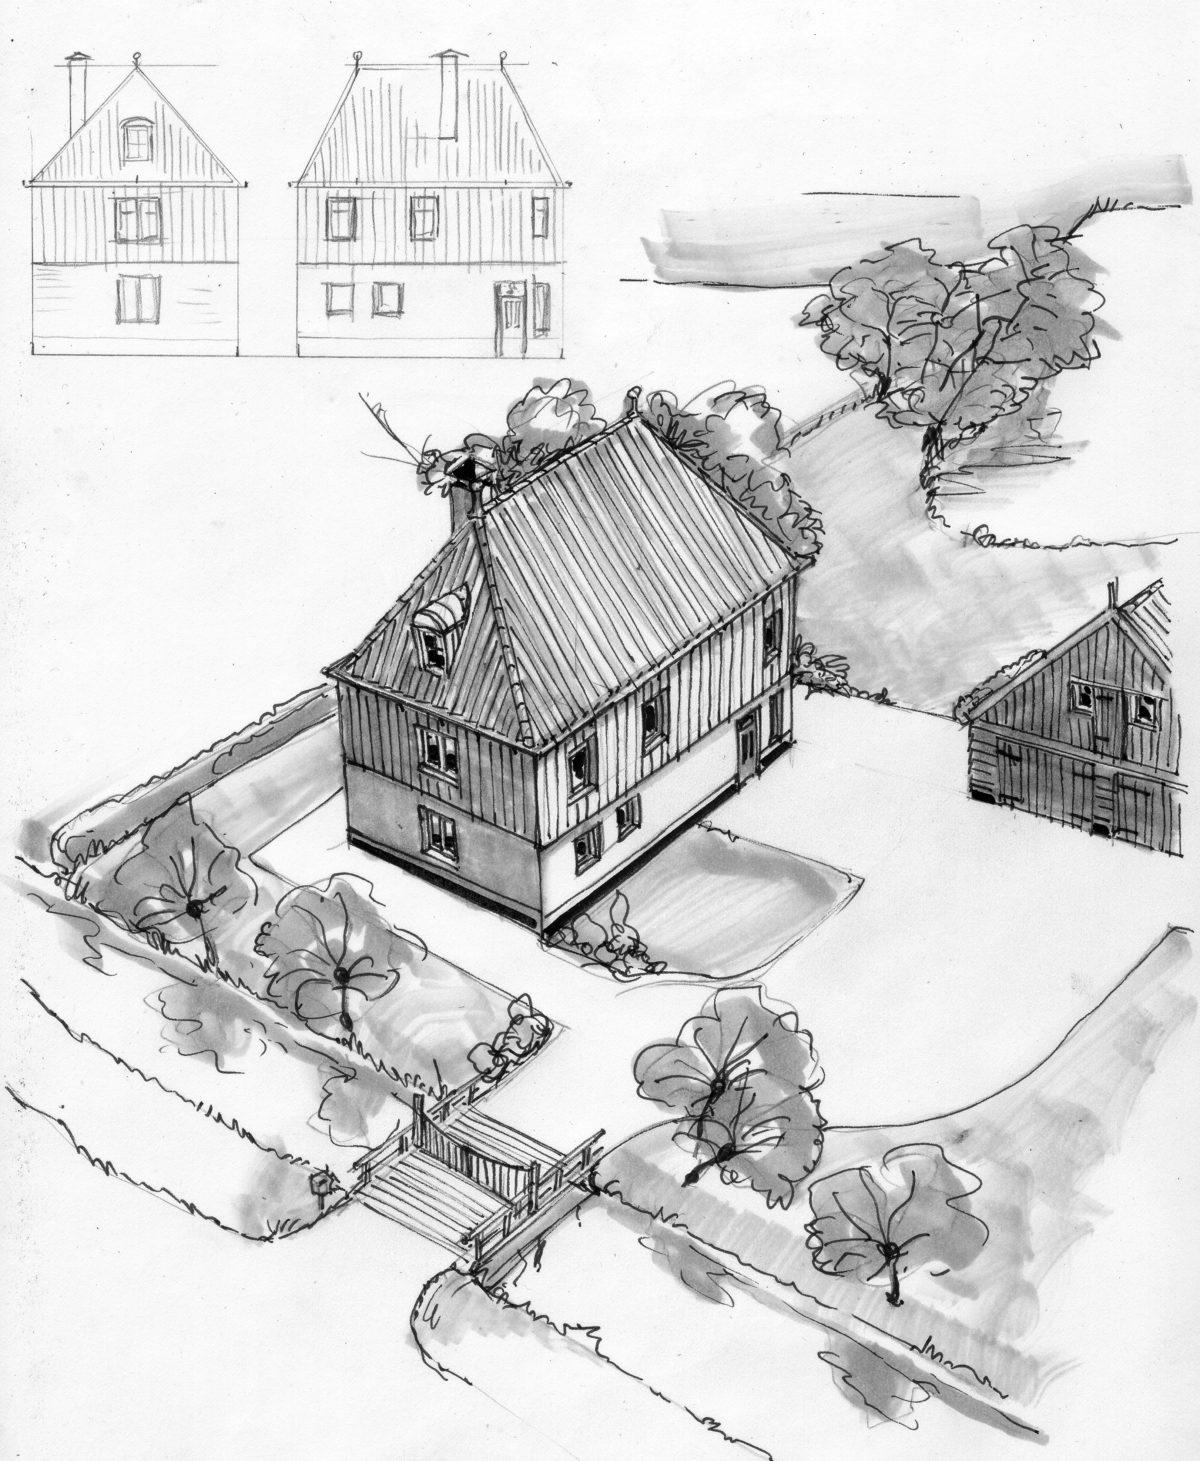 Huis 1 in Hobrede